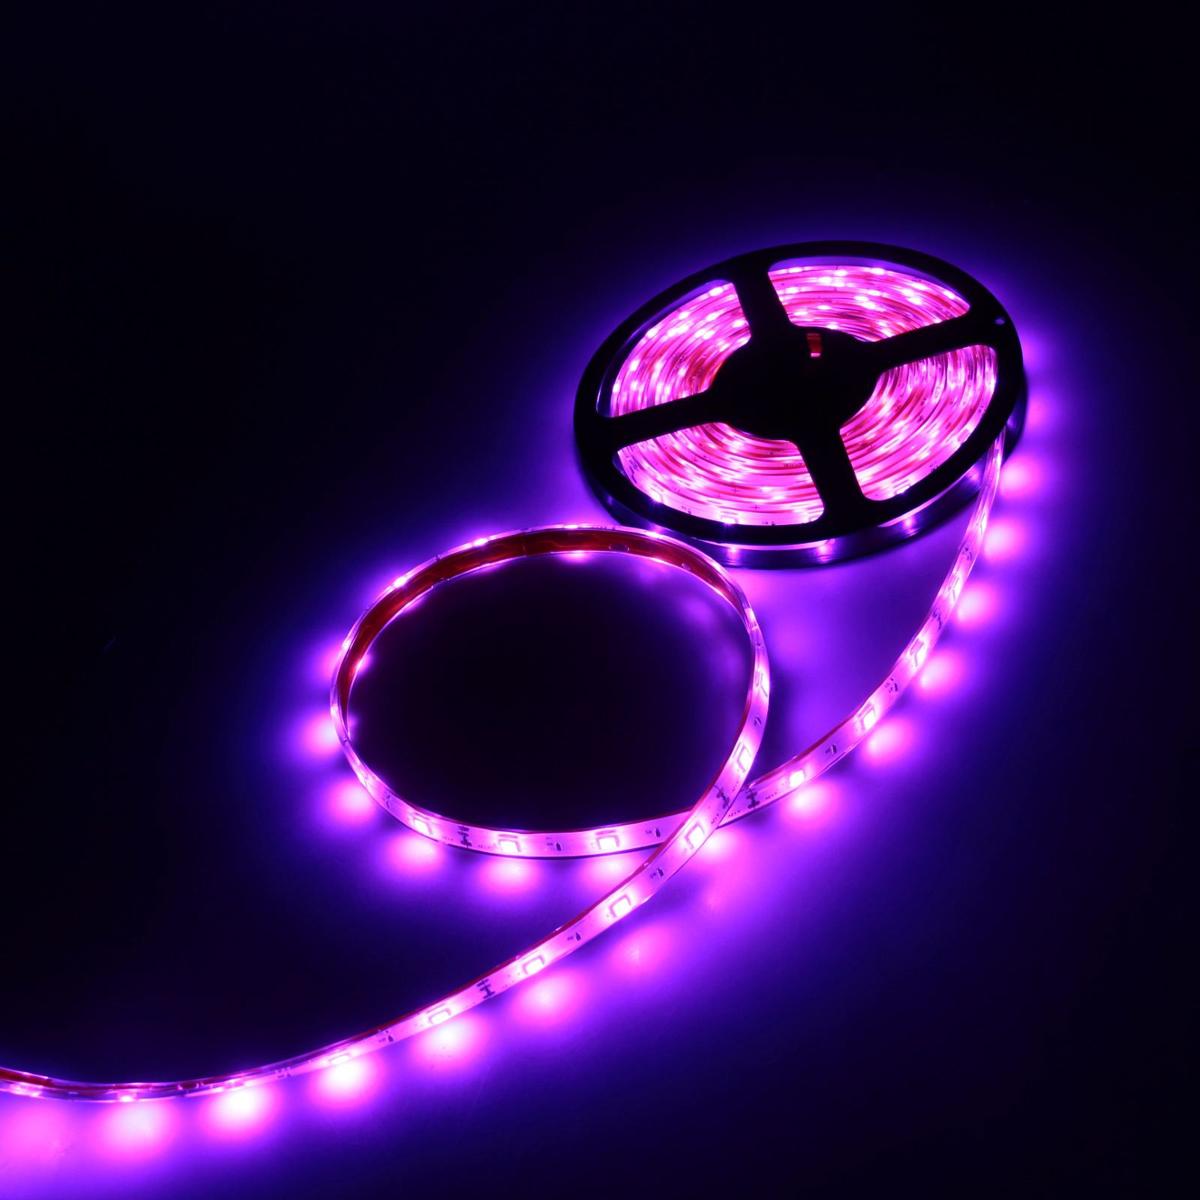 Светодиодная лента Luazon, 12В, SMD5050, длина 5 м, IP68, 30 LED ламп, 7.2 Вт/м, 14-16 Лм/1 LED, DC, цвет: фиолетовый883937Светодиодные гирлянды, ленты и т.д — это отличный вариант для новогоднего оформления интерьера или фасада. С их помощью помещение любого размера можно превратить в праздничный зал, а внешние элементы зданий, украшенные ими, мгновенно станут напоминать очертания сказочного дворца. Такие украшения создают ауру предвкушения чуда. Деревья, фасады, витрины, окна и арки будто специально созданы, чтобы вы украсили их светящимися нитями.